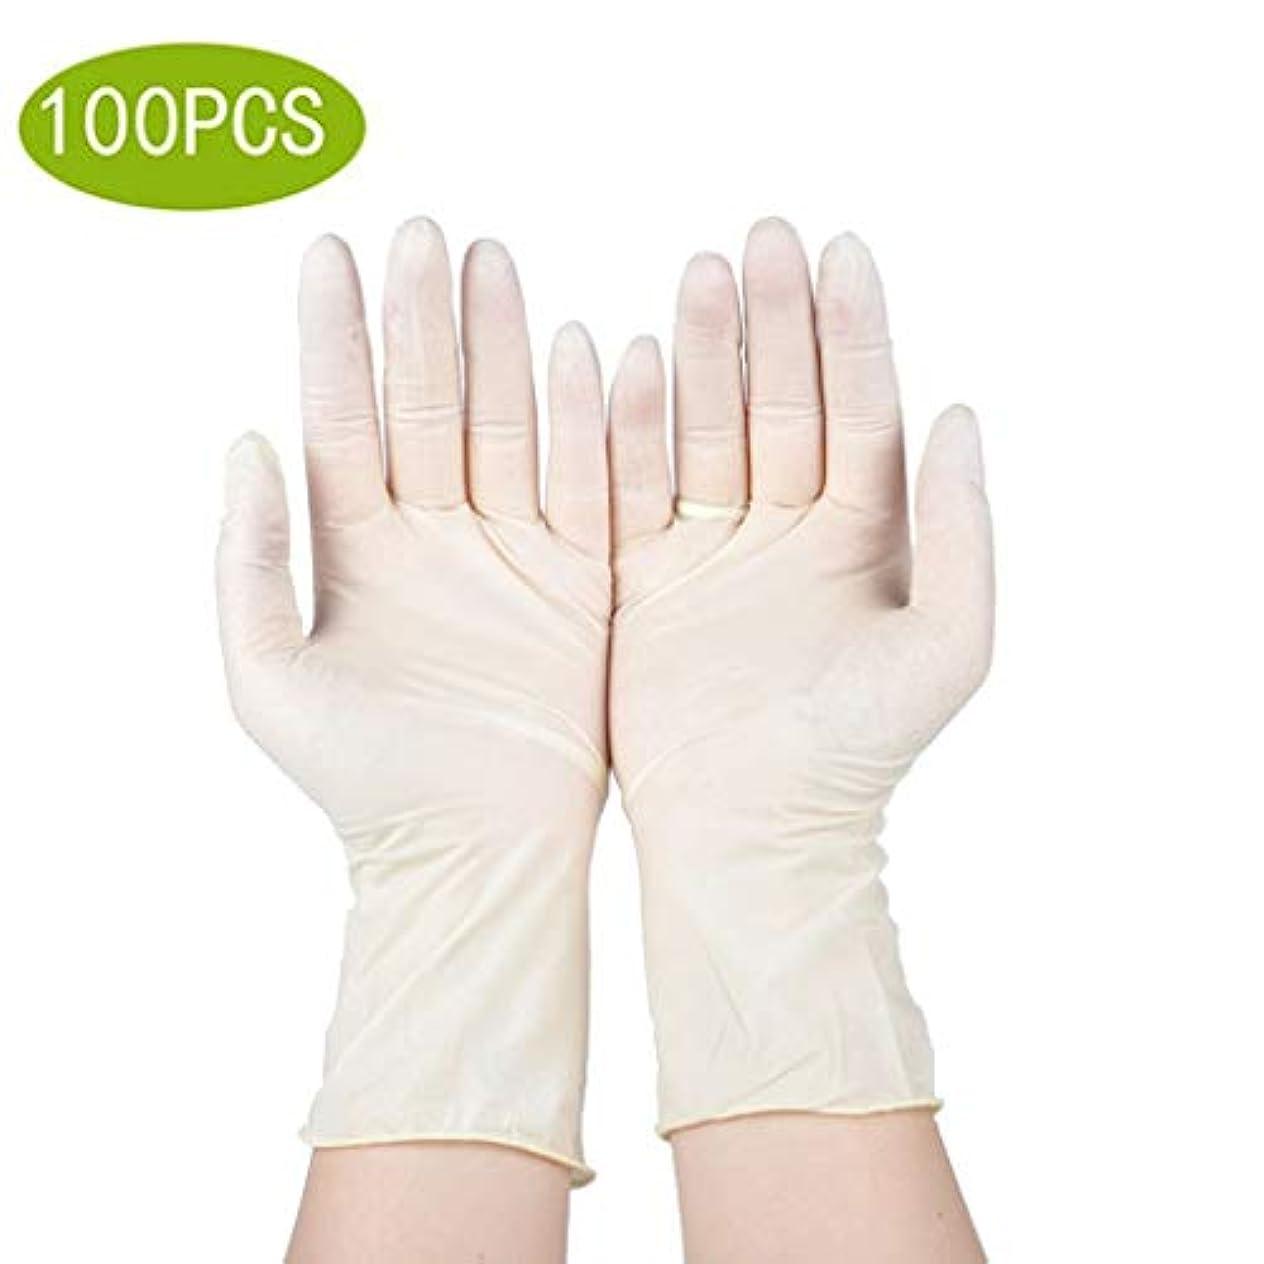 ミント生き残り誠実ニトリル手袋義務使い捨てビニール手袋、100カウント、特大 - パウダーフリー、両用性、超快適、極度の強度、耐久性と伸縮性、医療、食品、マルチユース (Color : Latex Gloves, Size : M)